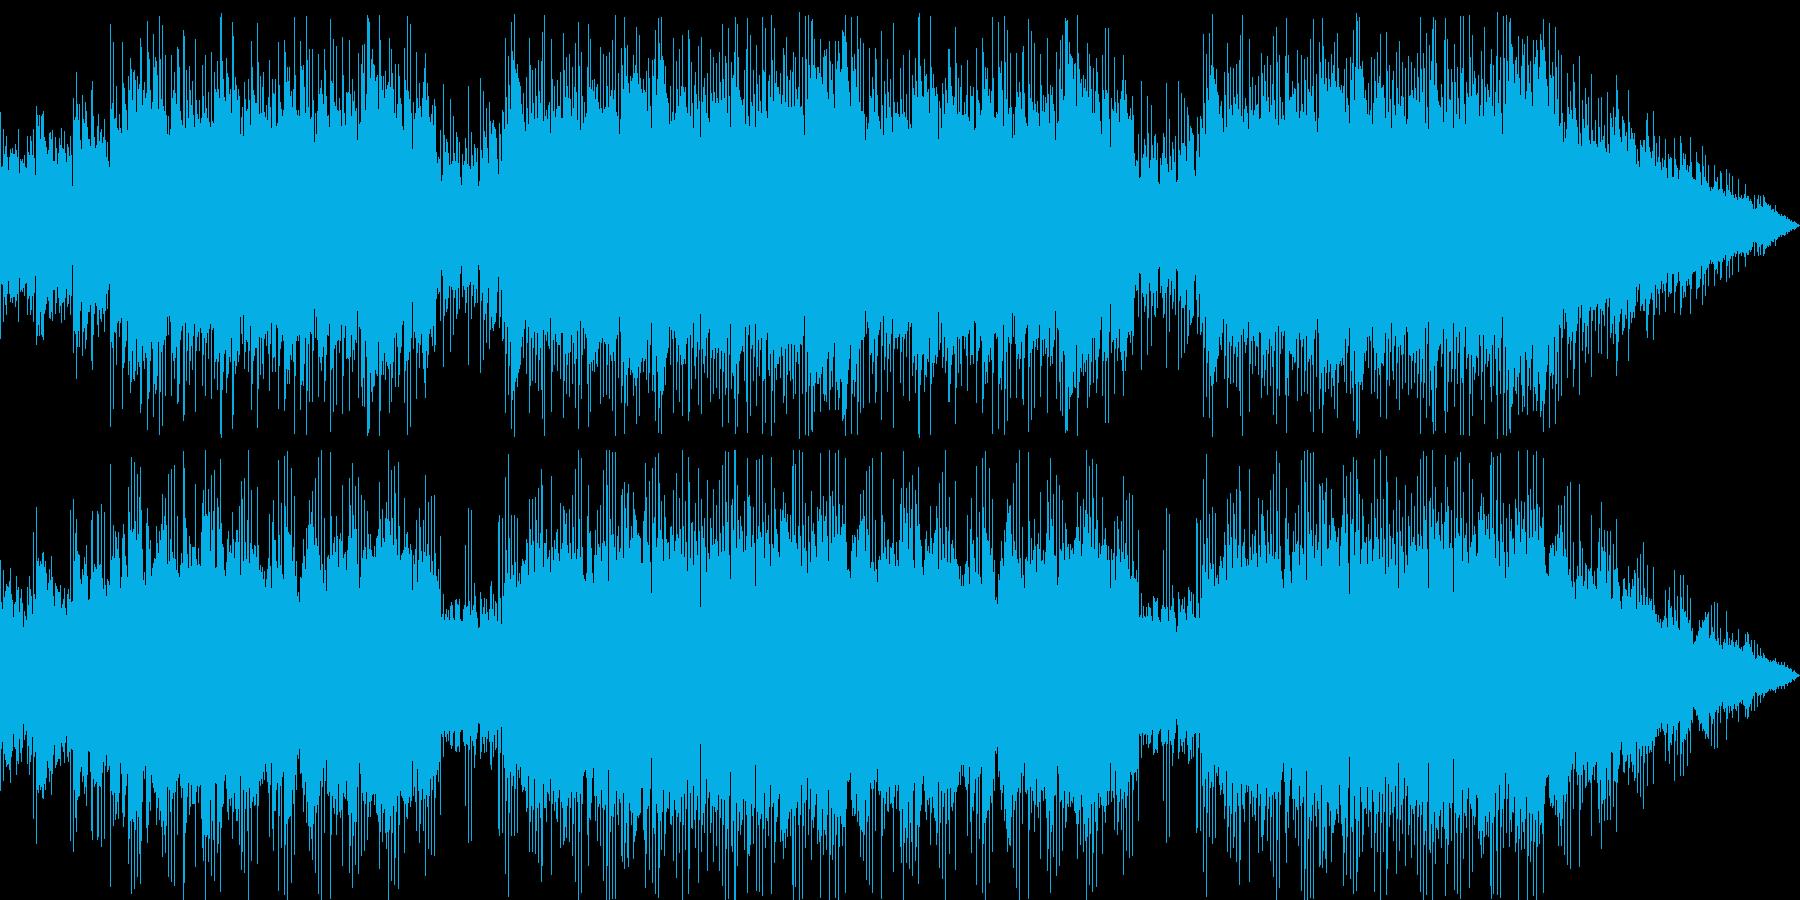 壮大で感動的な雰囲気に包まれたBGMの再生済みの波形